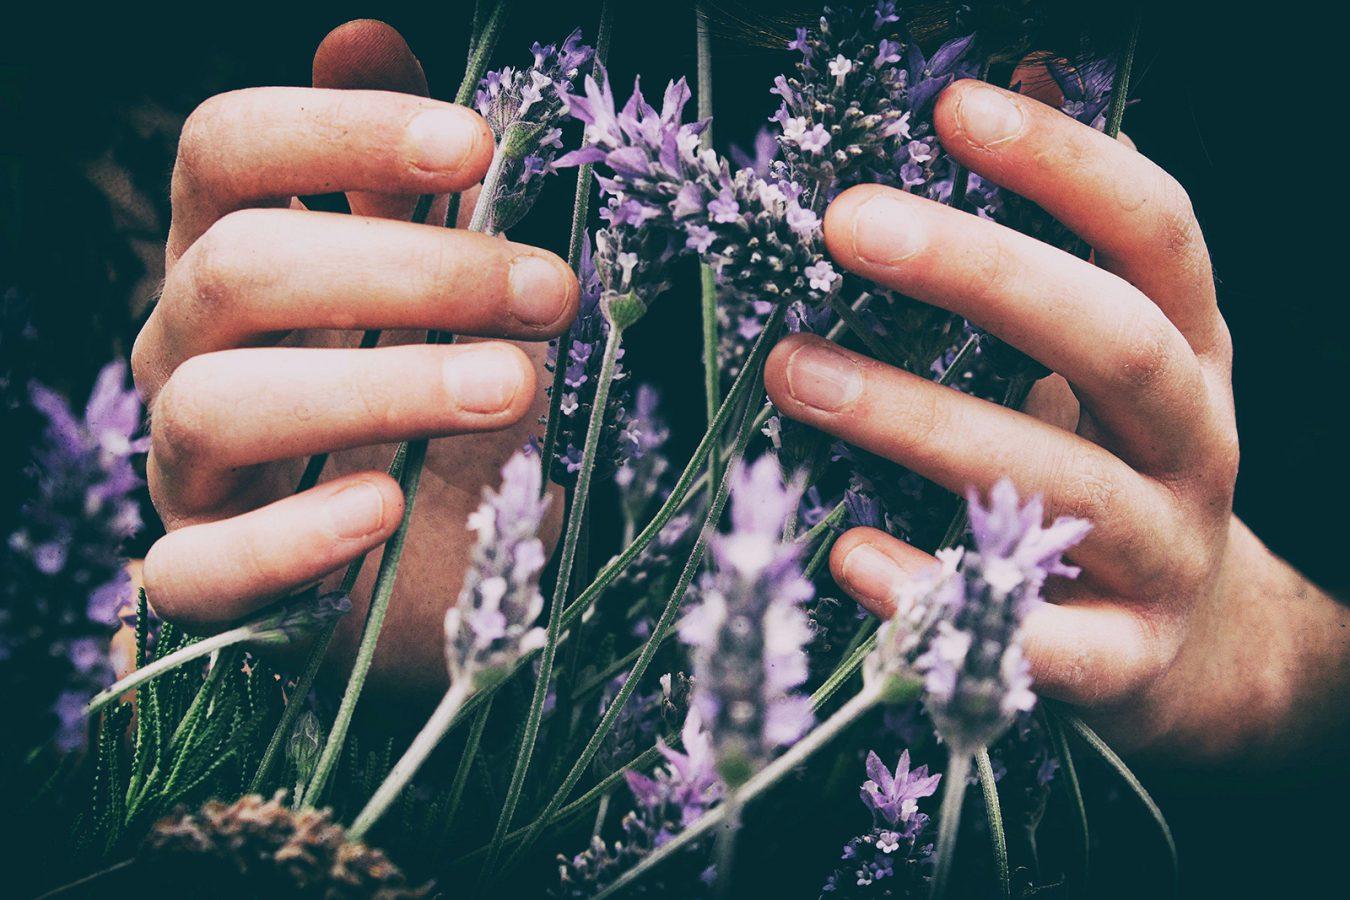 Hands holding lavender - Reiki healing